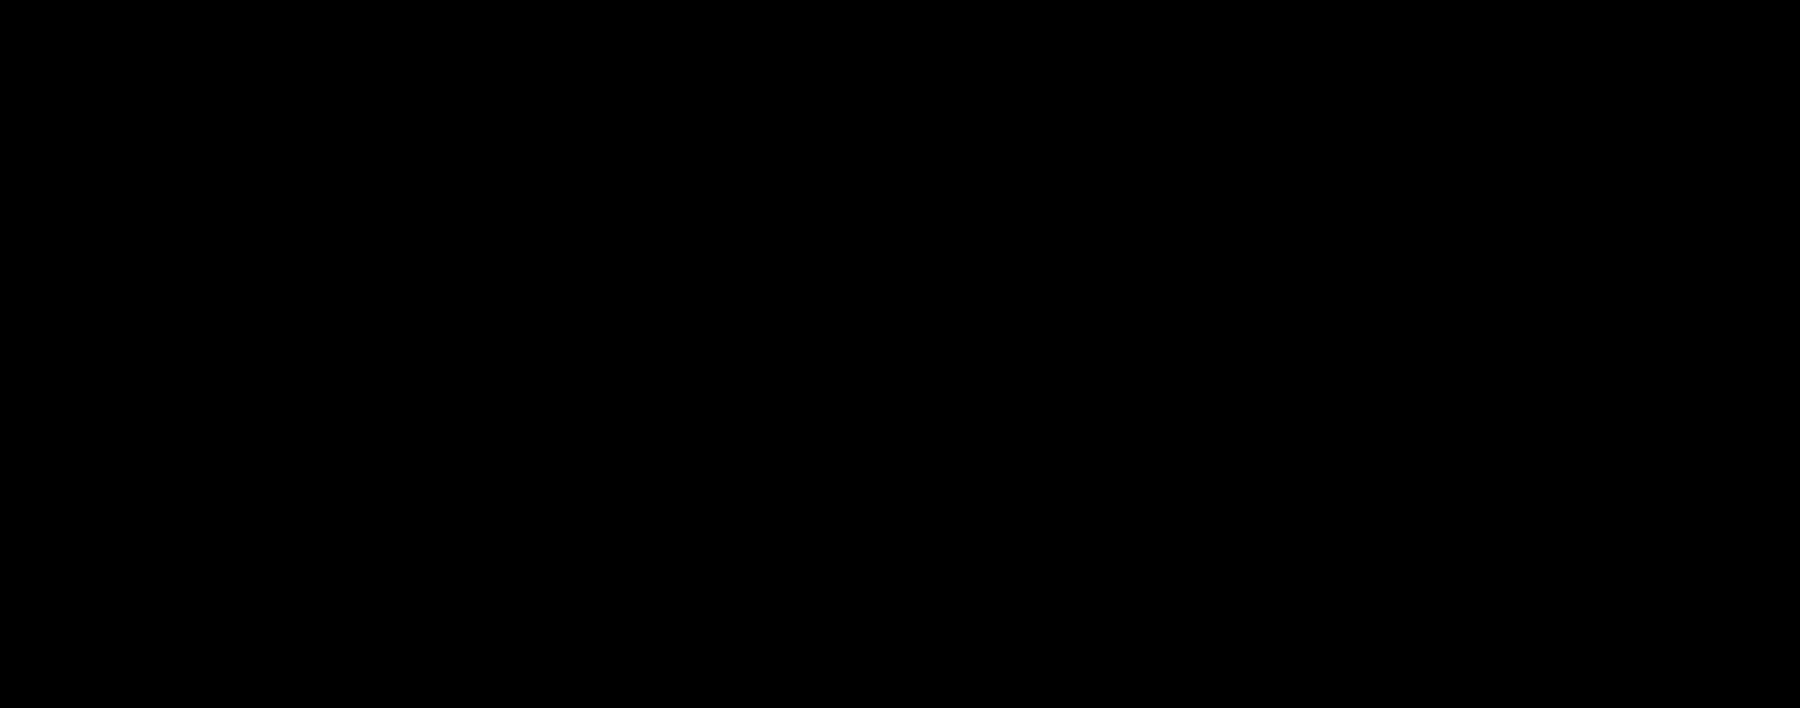 Shanghai 360 logo